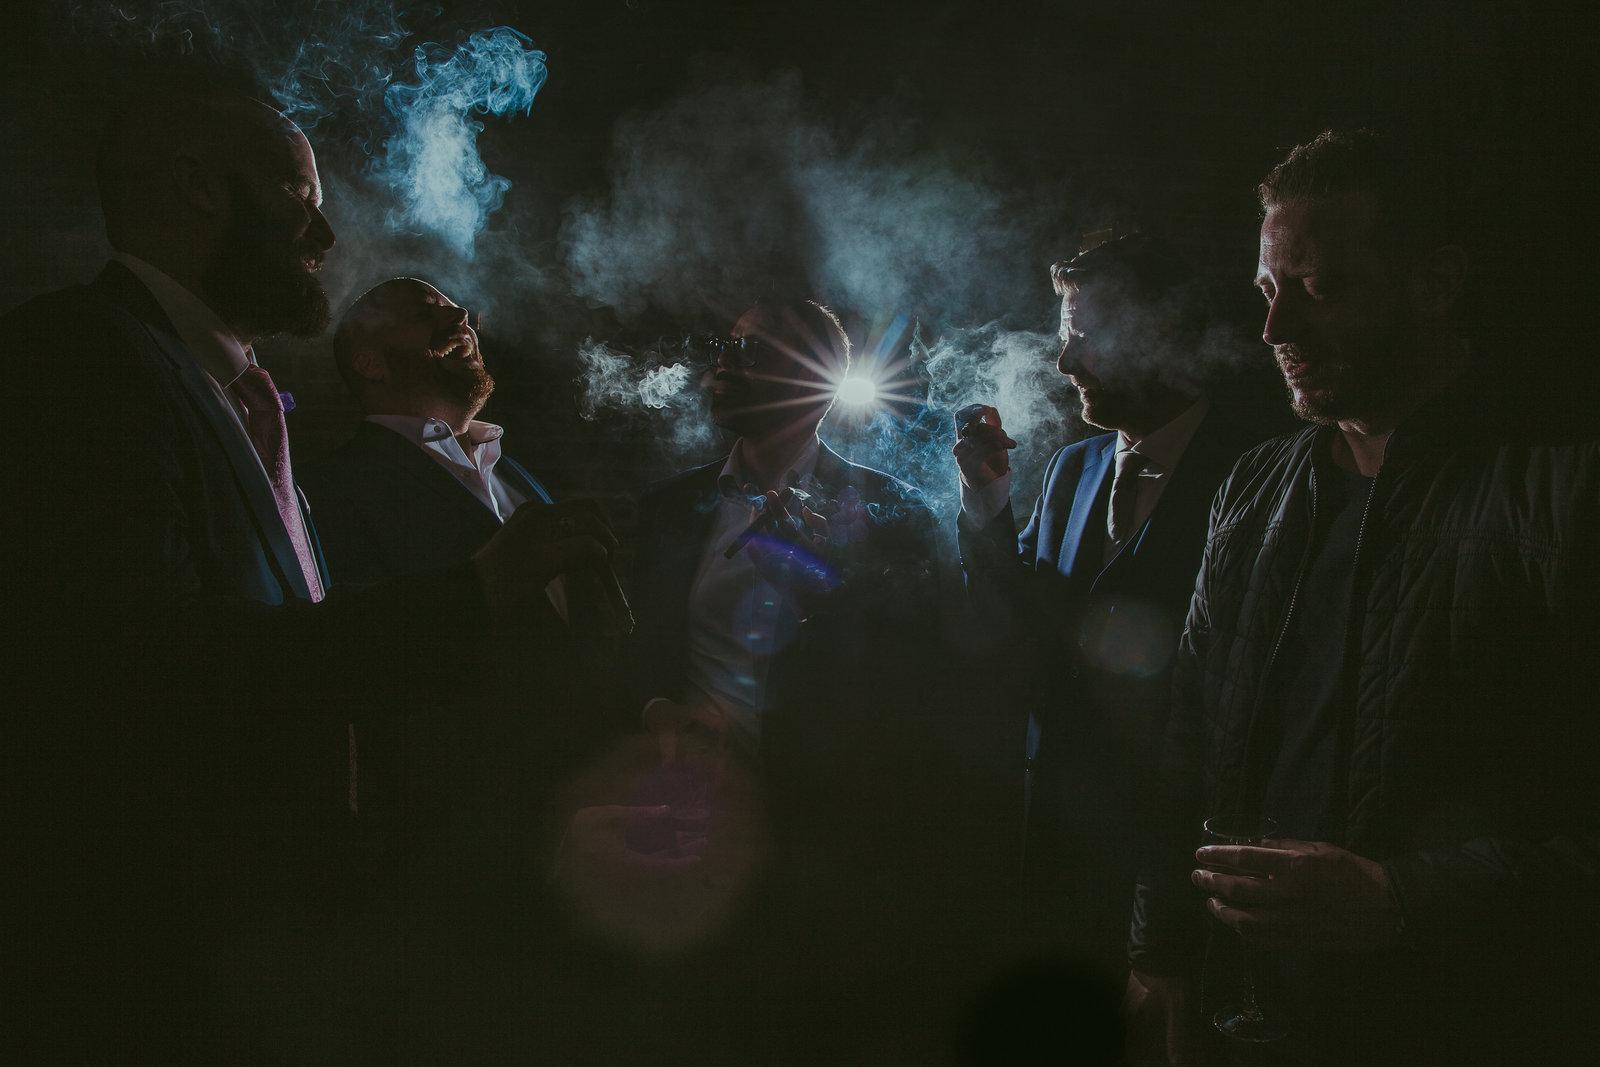 Kickass foto van bruidegom met zijn vrienden tijdens het roken van een sigaar. Smoking groom with friends. Strobe and smoke. Copyright Nanda Zee-Fritse | FOTOZEE